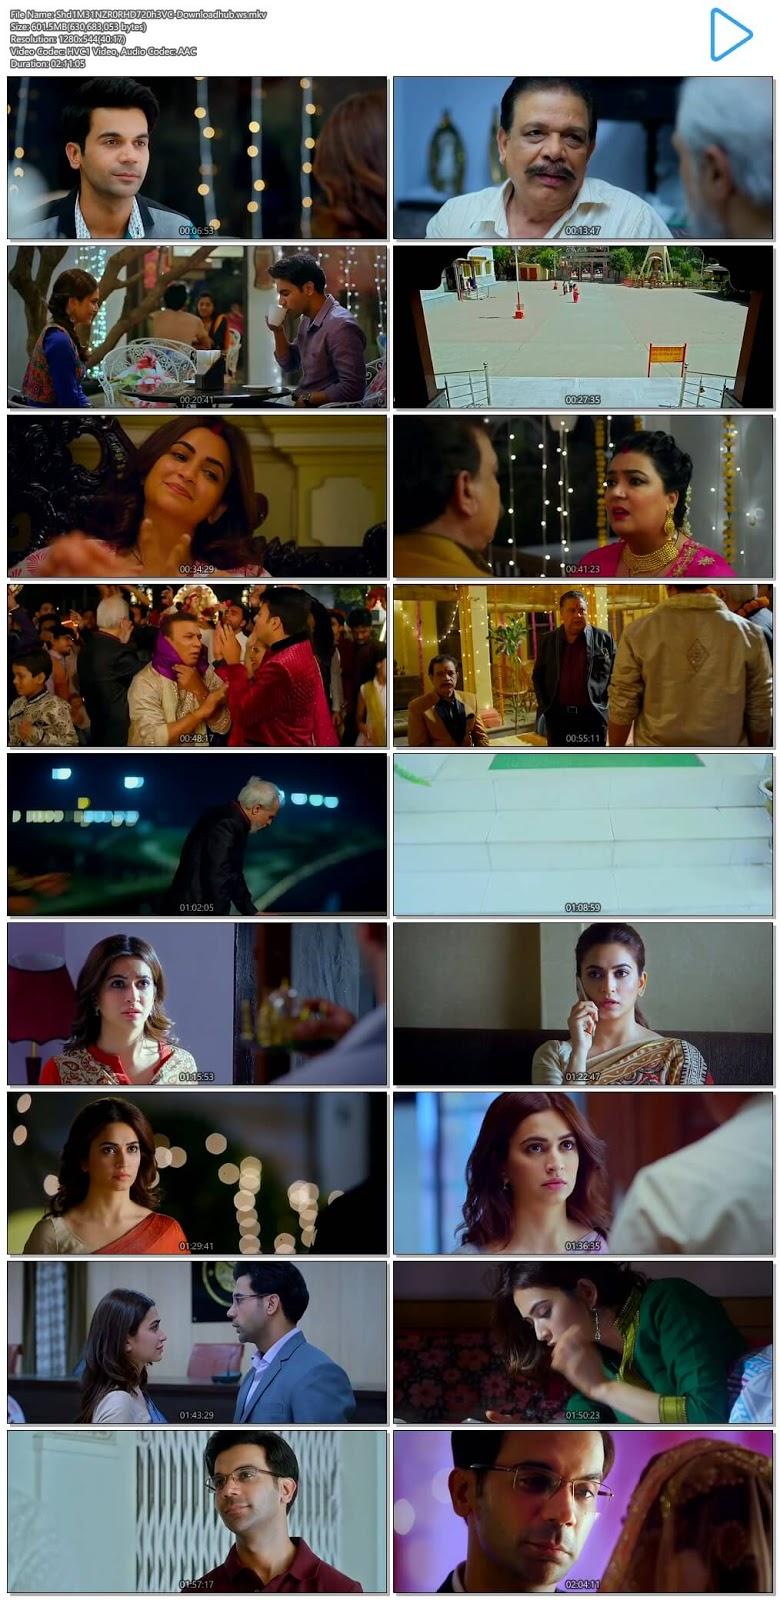 Shaadi Mein Zaroor Aana 2017 Hindi 720p HEVC HDRip